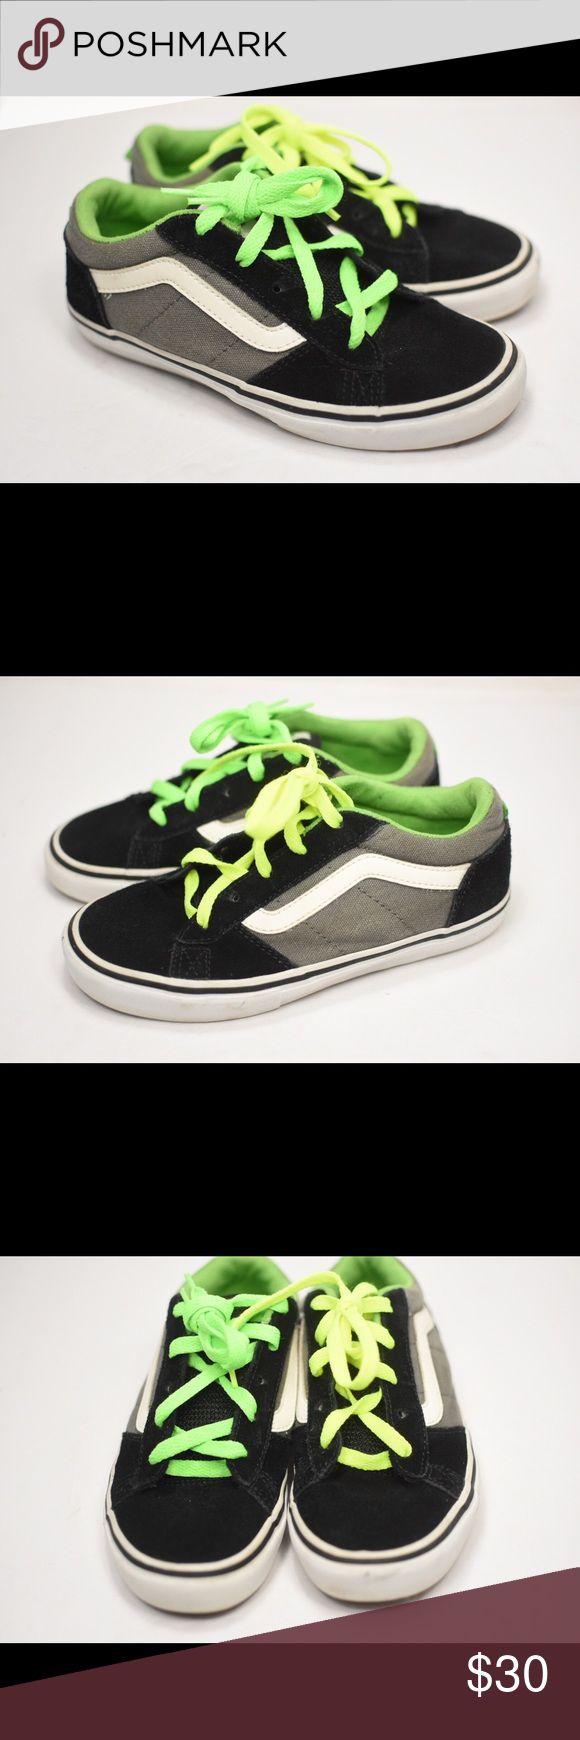 Van SK8 Low Suede Excellent condition. Vans Shoes Sneakers